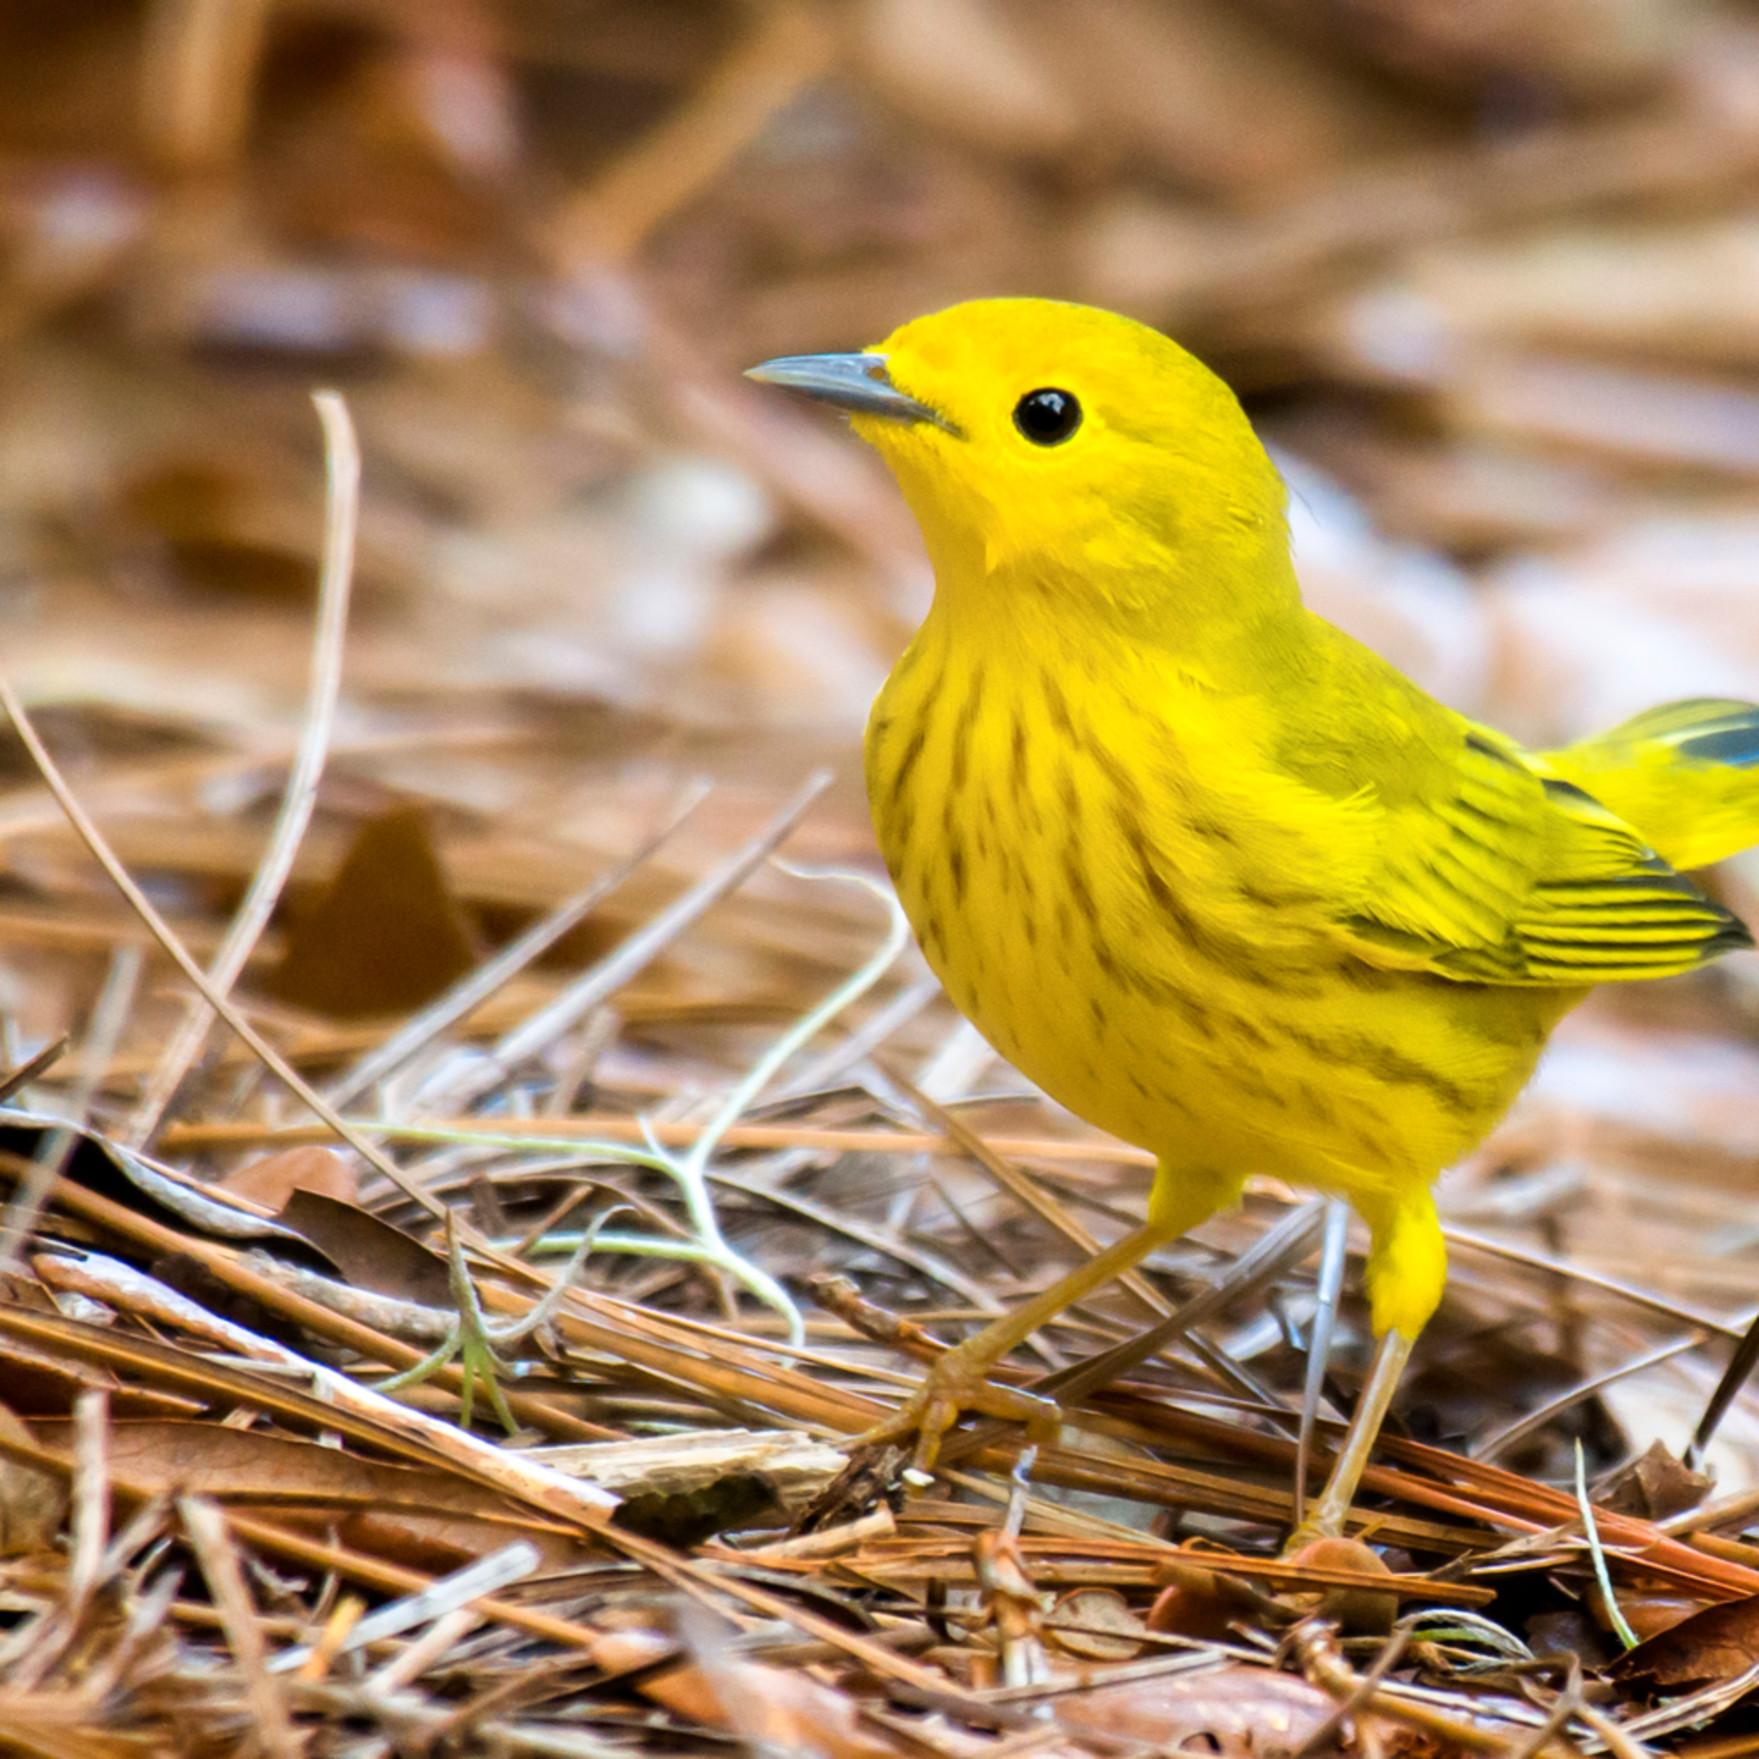 Backyard birds   aug2019  2 2019082120190825 2111 kpbw3d